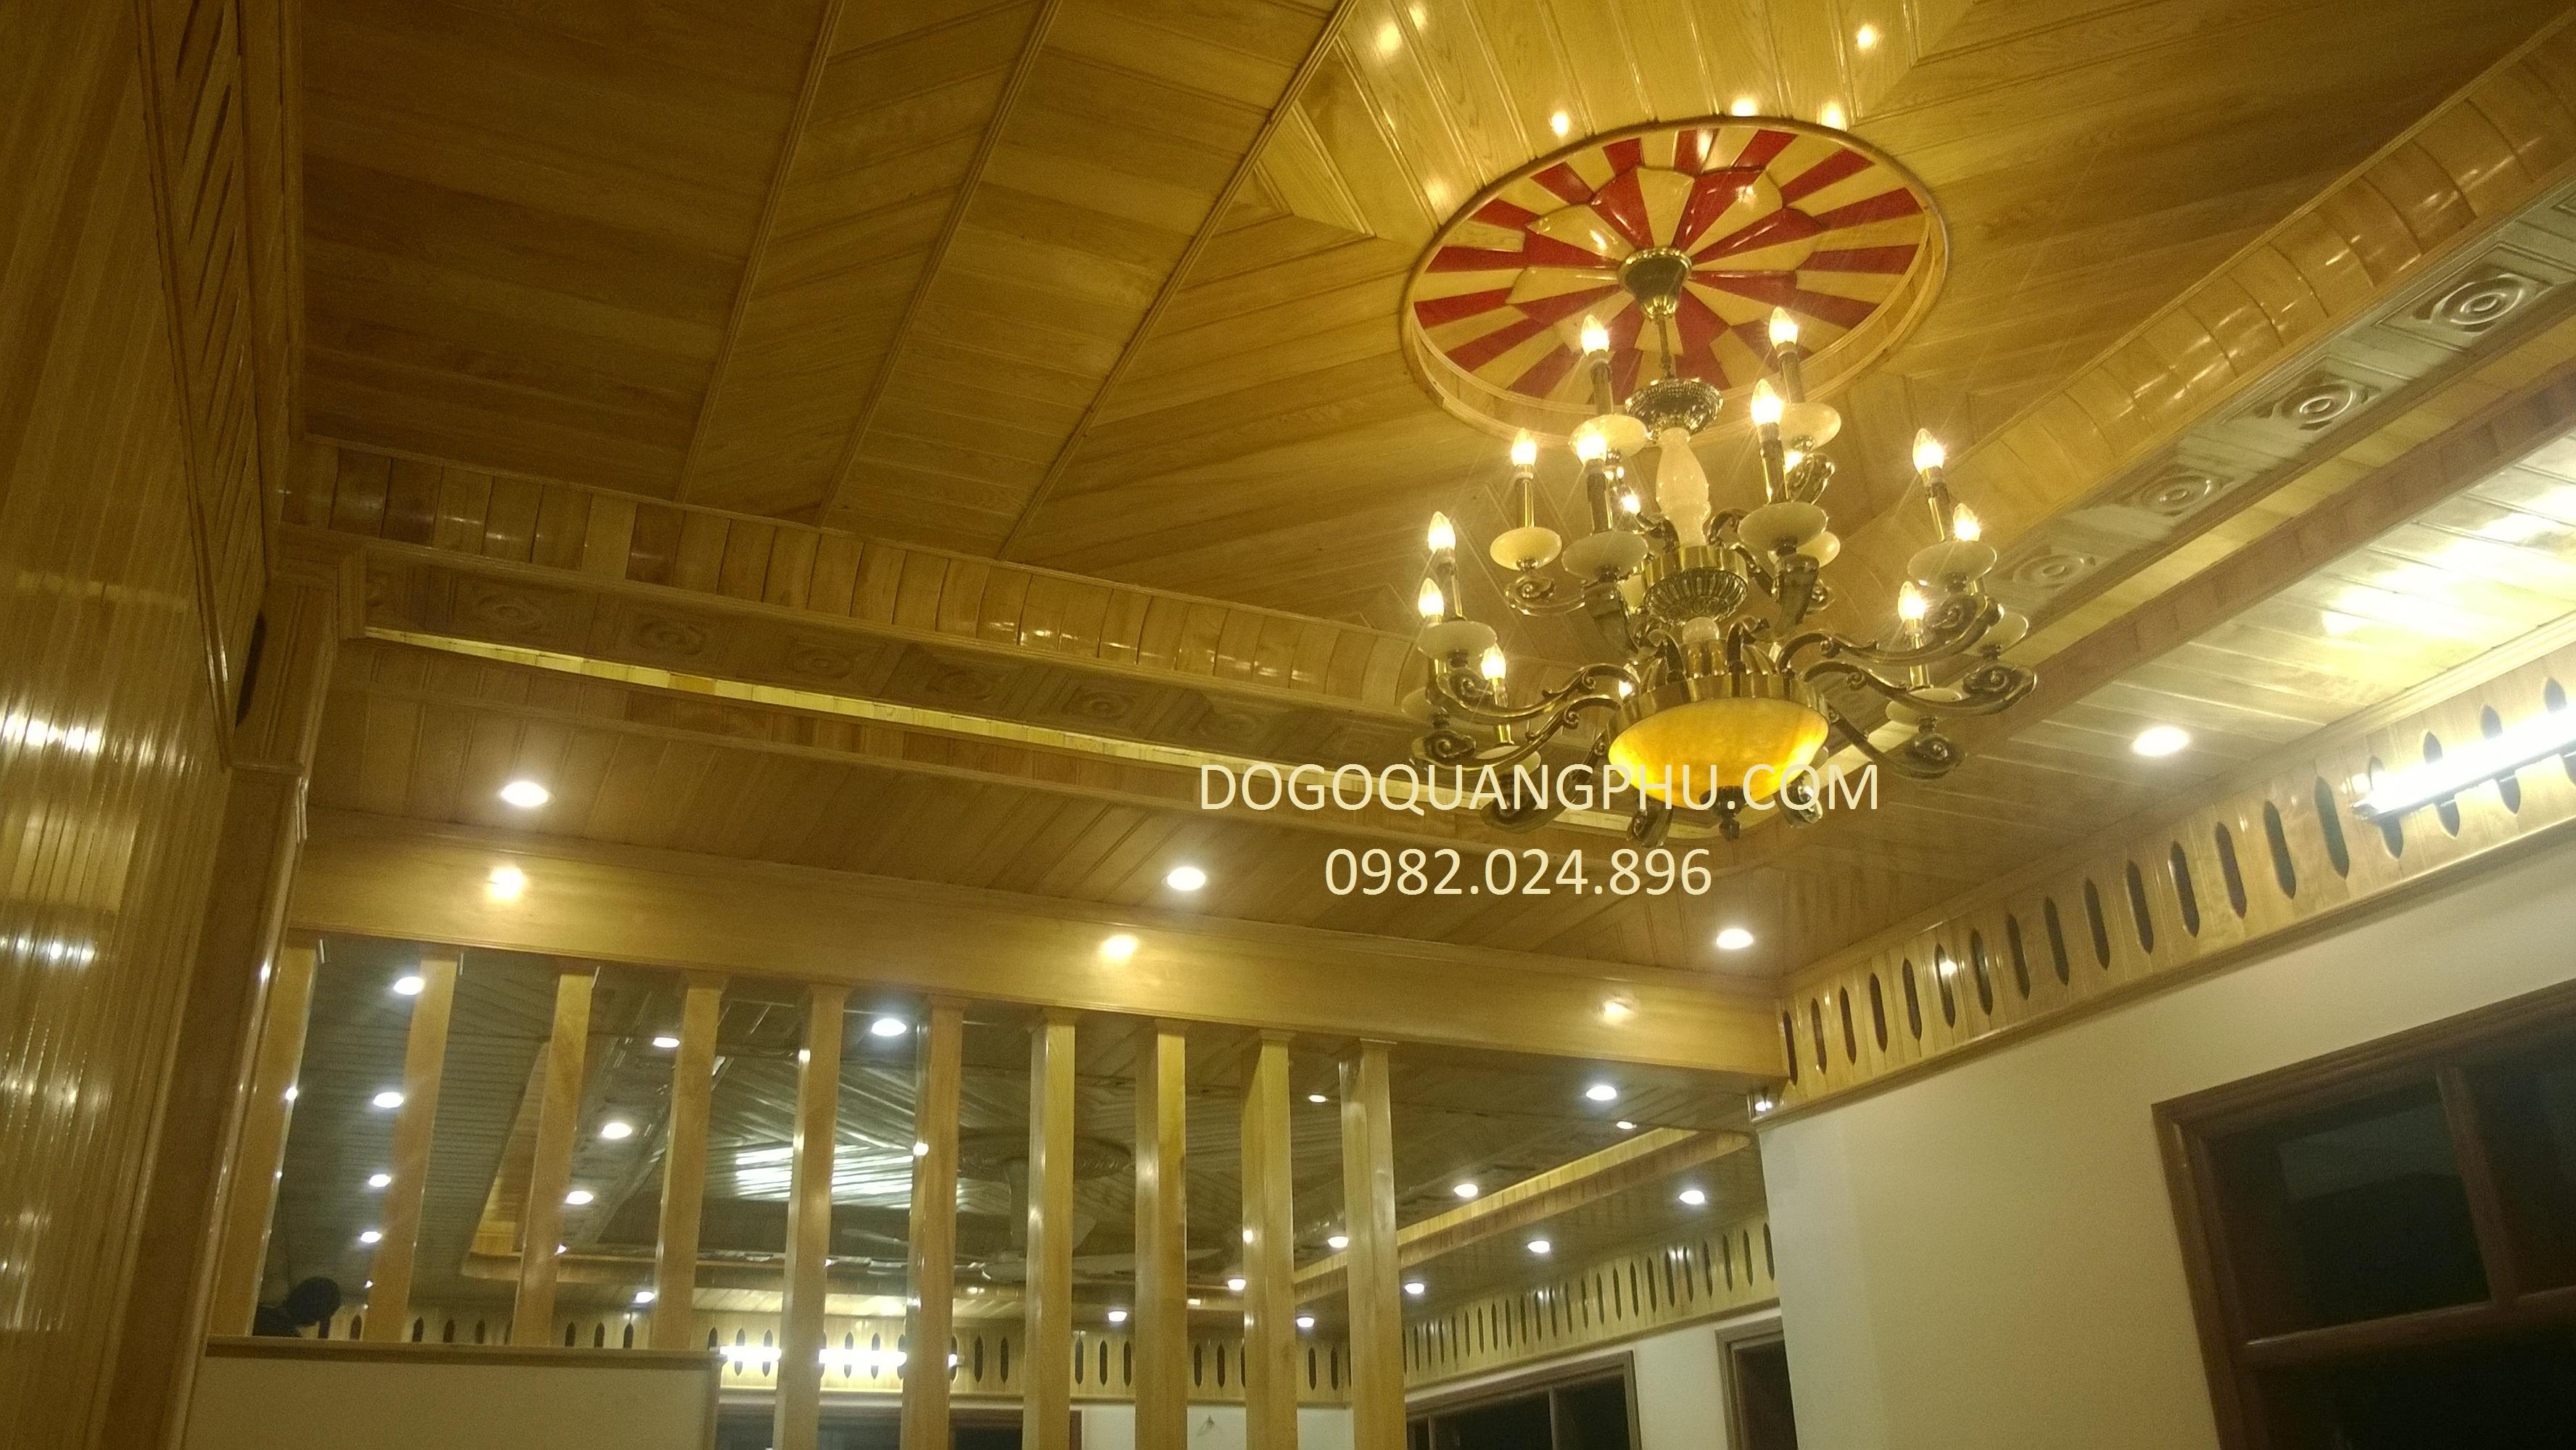 Ốp trần gỗ đẹp nâng tầm giá trị cho ngôi nhà của bạn